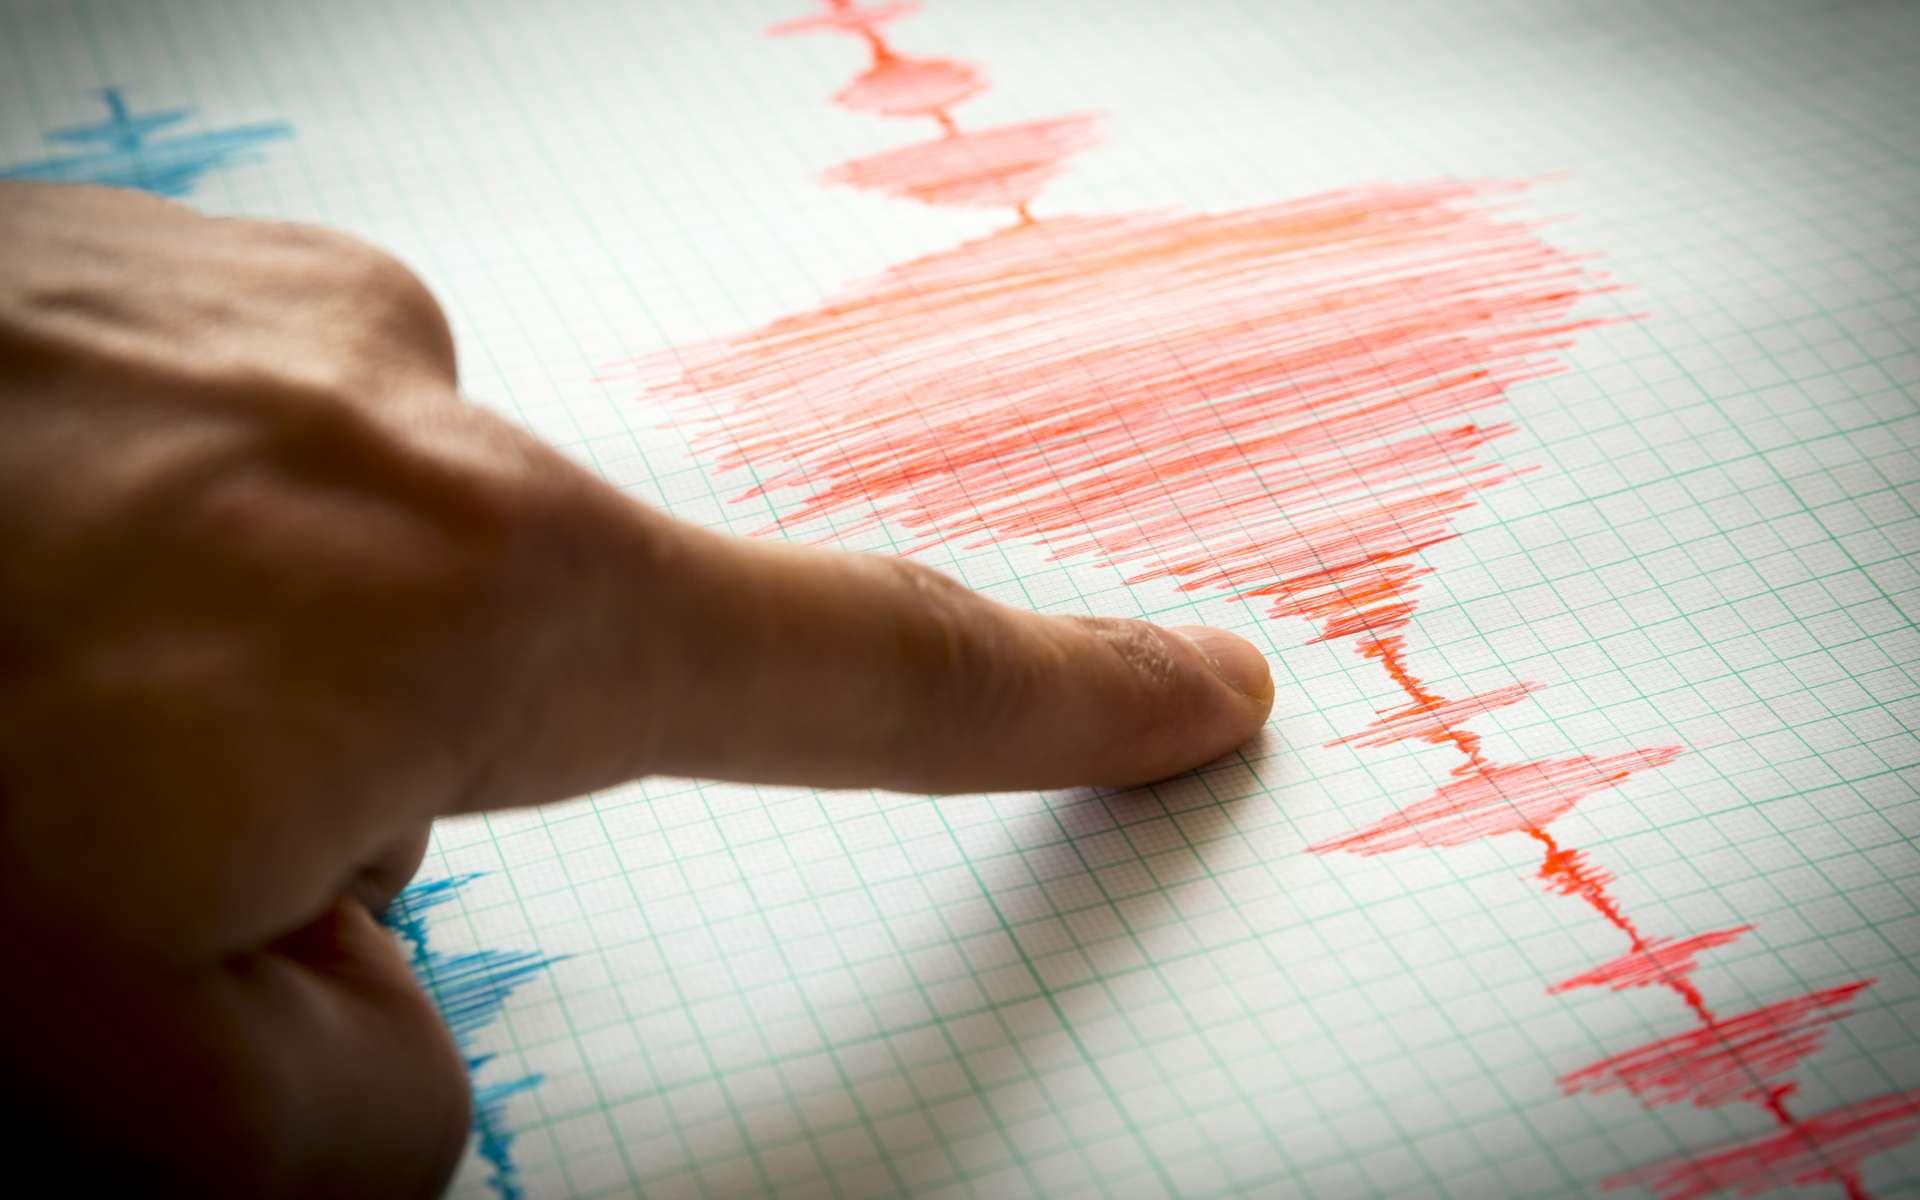 Après le séisme de magnitude 5 du 11 novembre 2019 aux environs du Teil, un comité d'experts – géophysiciens, sismologues, géologues et modélisateurs – ont livré leurs premières conclusions sur les causes possibles. © Belish, Adobe Stock